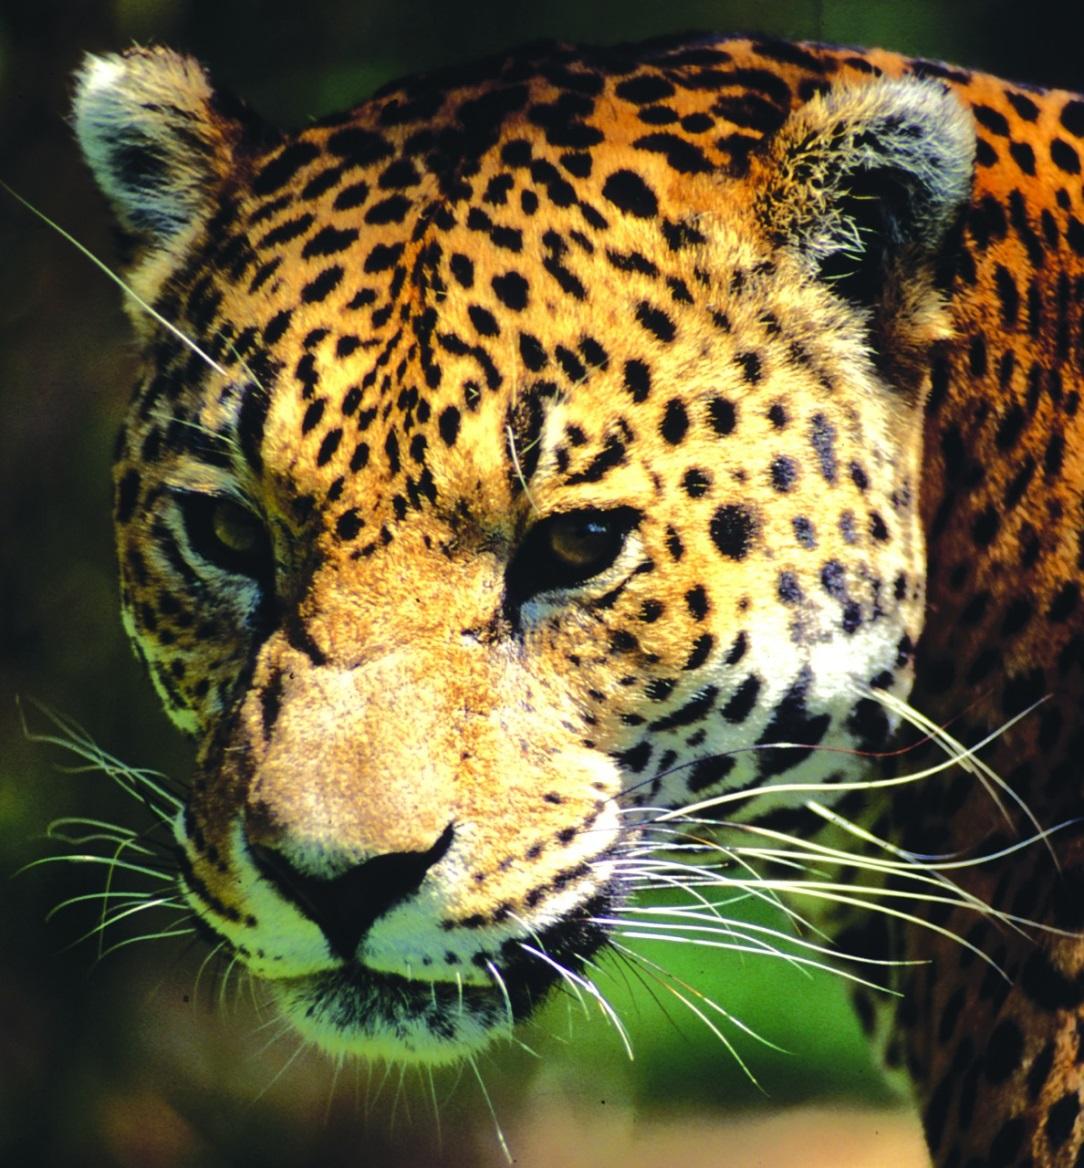 El Día Mundial de los Animales busca transmitir el respeto y cuidado de los animales con el propósito de mantener una buena calidad de vida para los habitantes del planeta